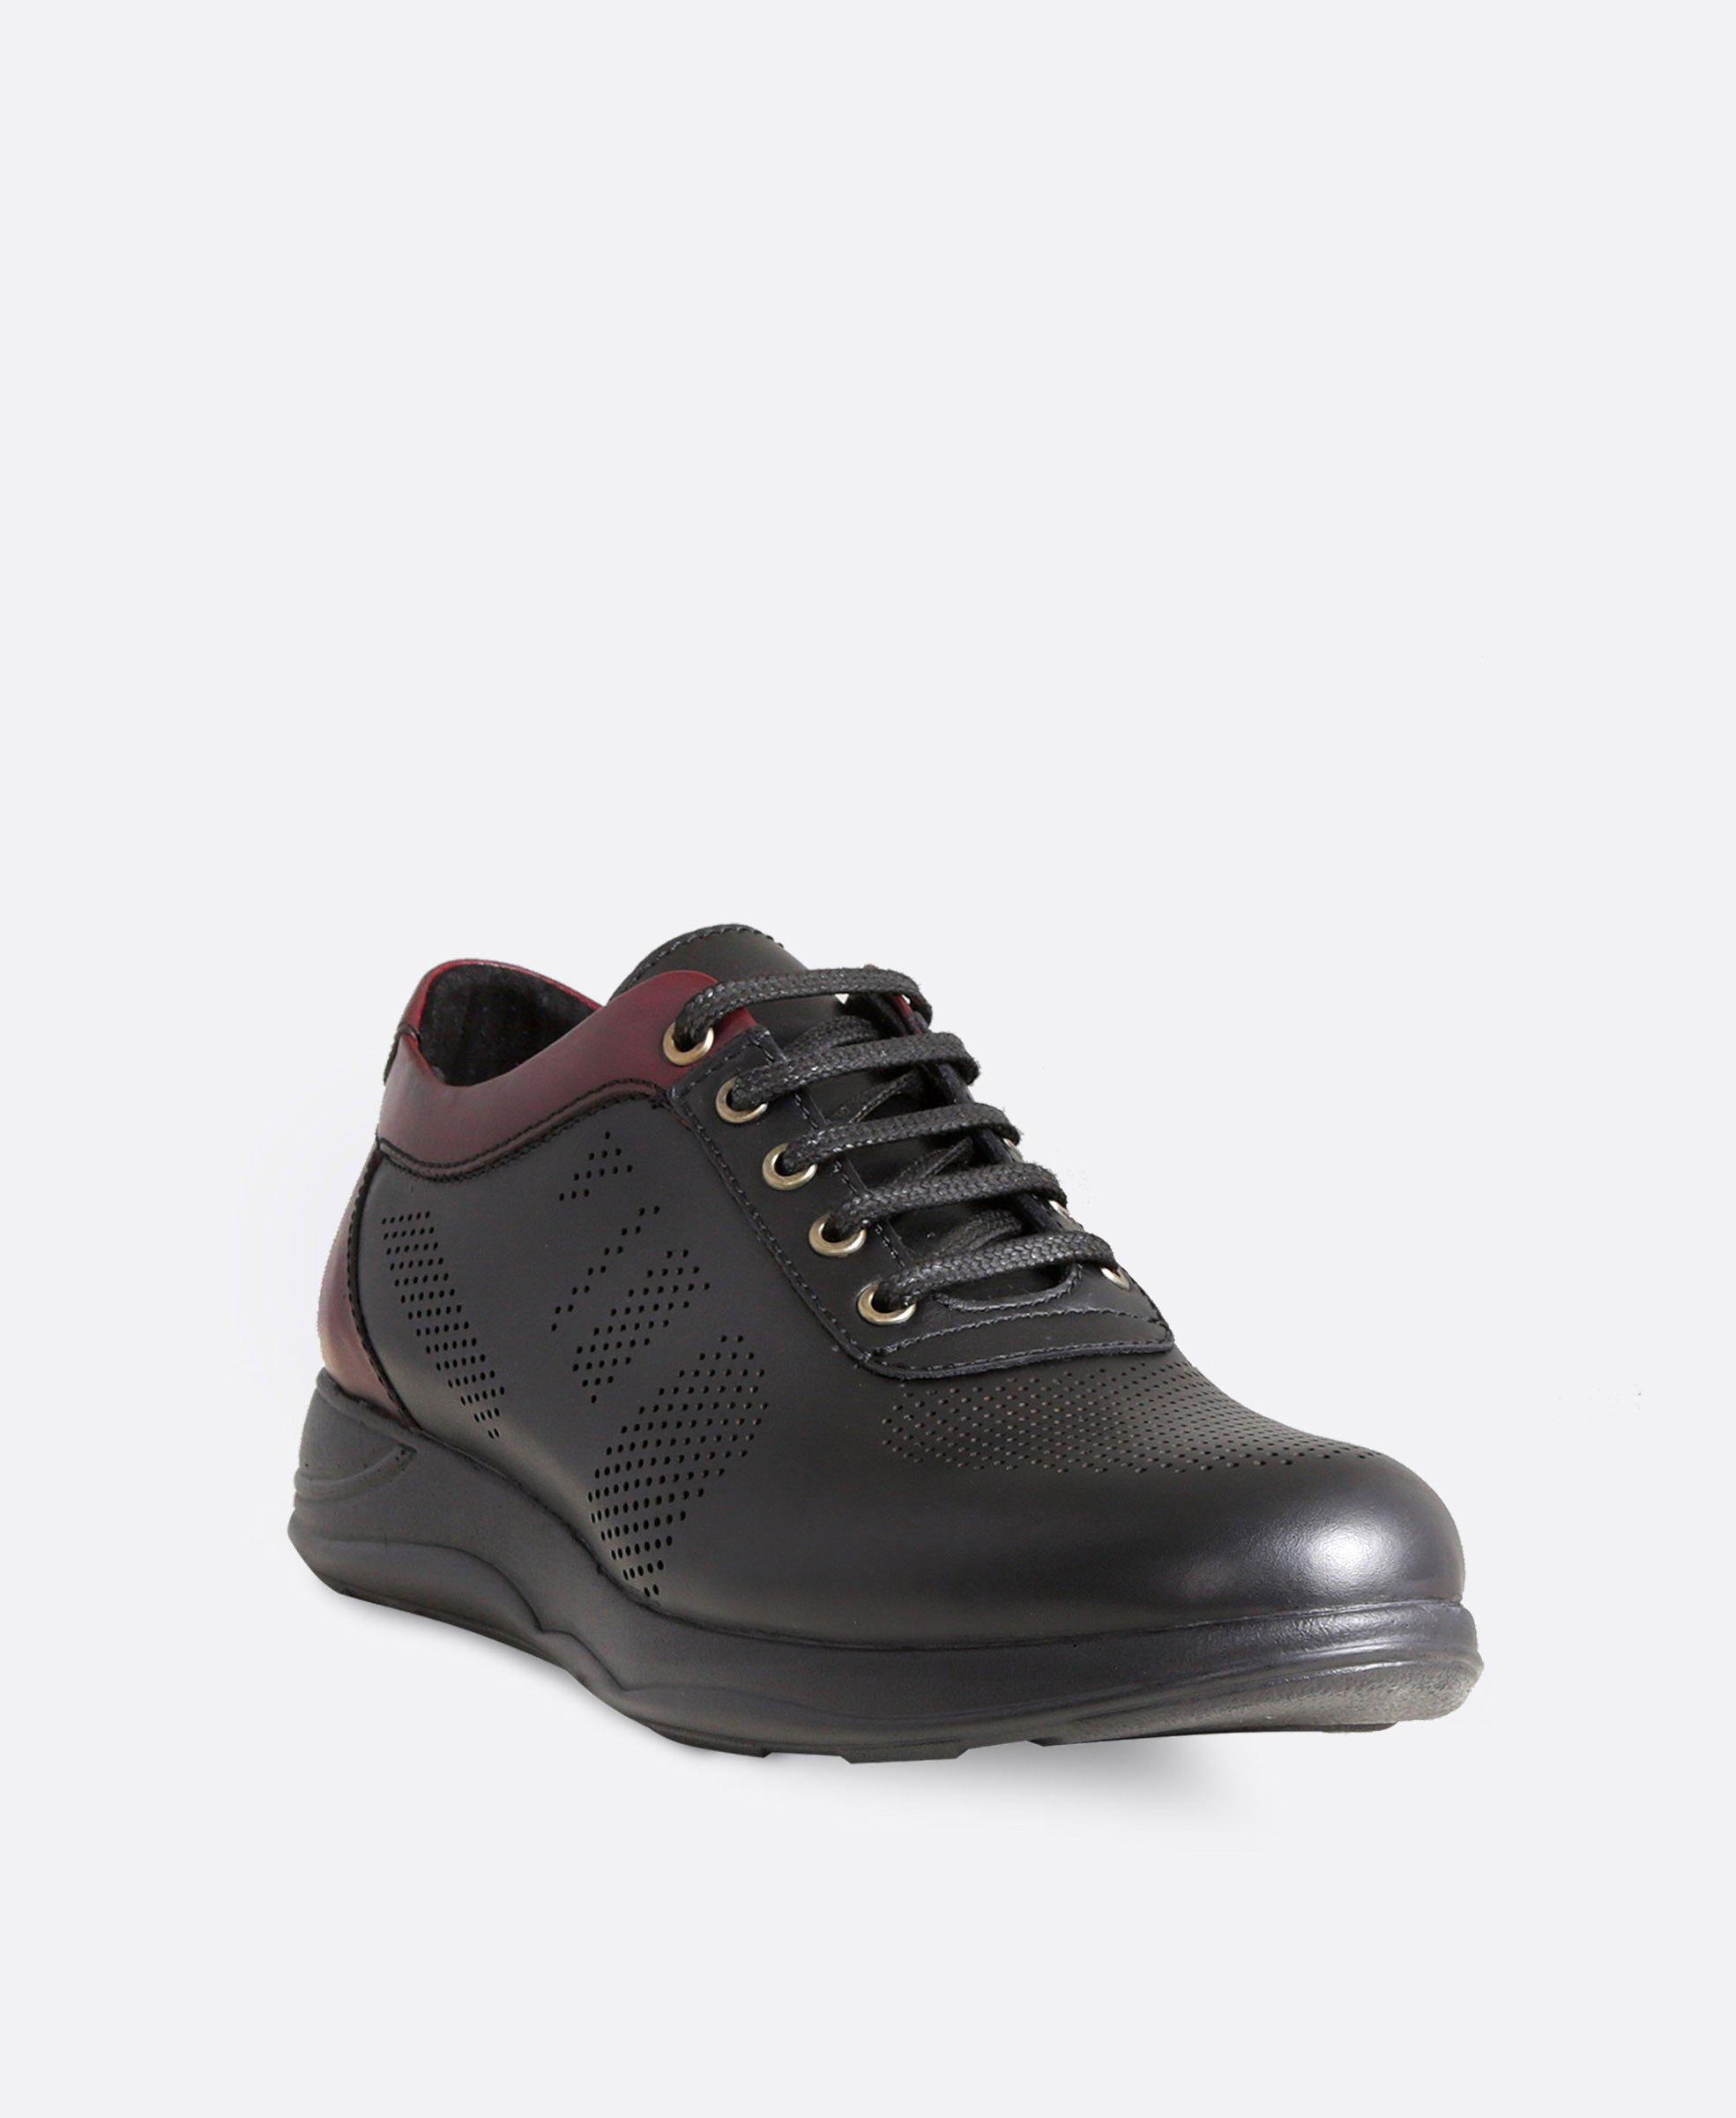 کفش کتانی مردانه چرم 3208